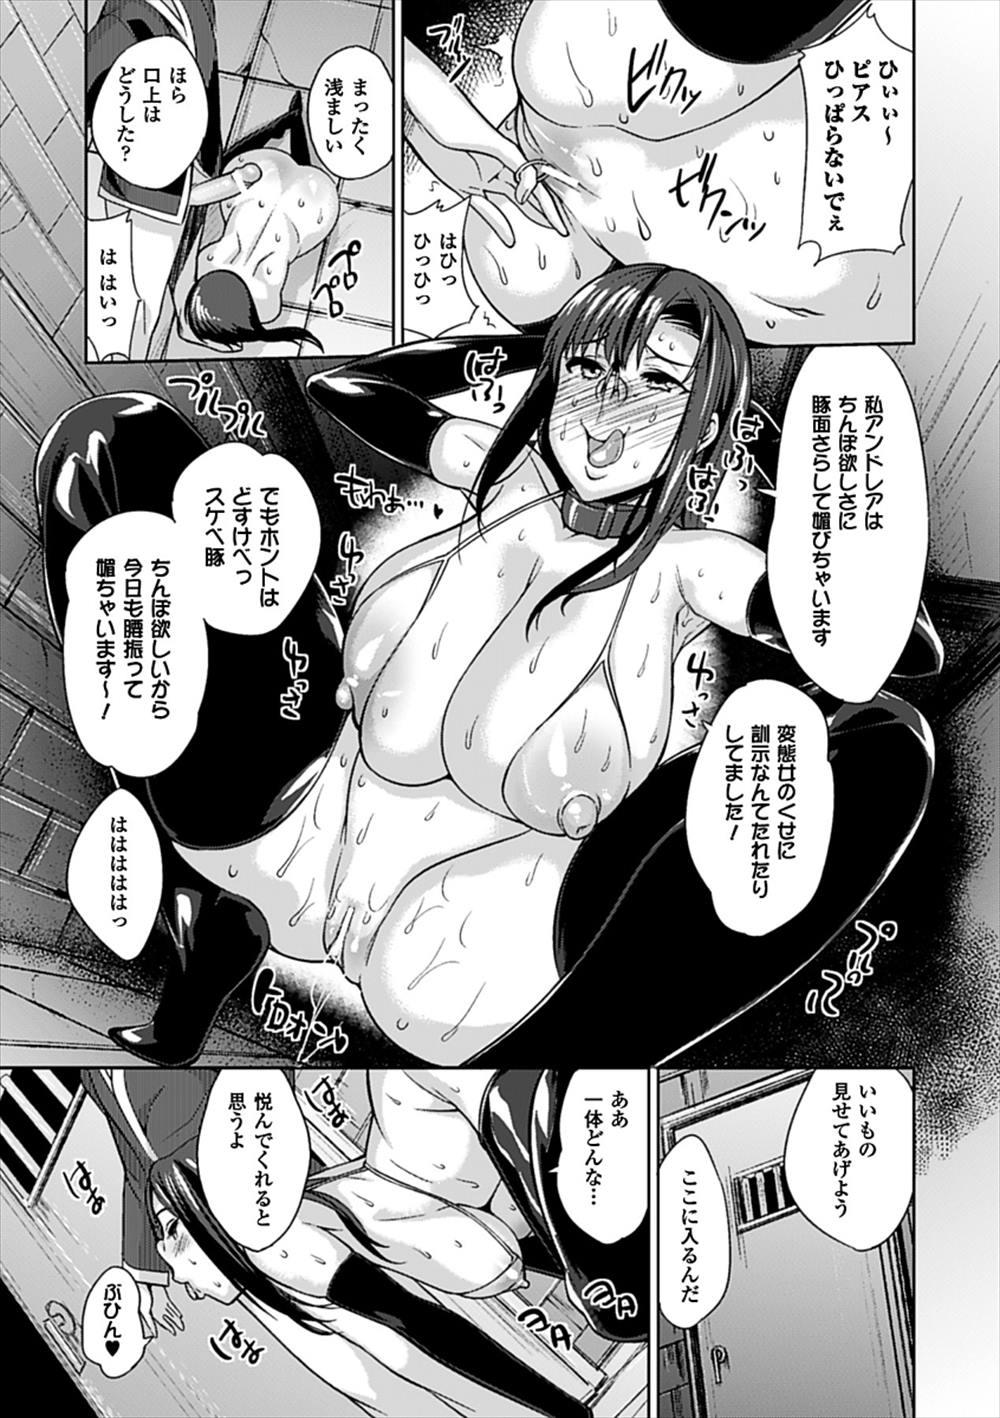 【エロ漫画】鼻フックされながら豚イキ!優等生のJKはドM淫乱ビッチでご主人様のチンポを求める肉便器性奴隷www